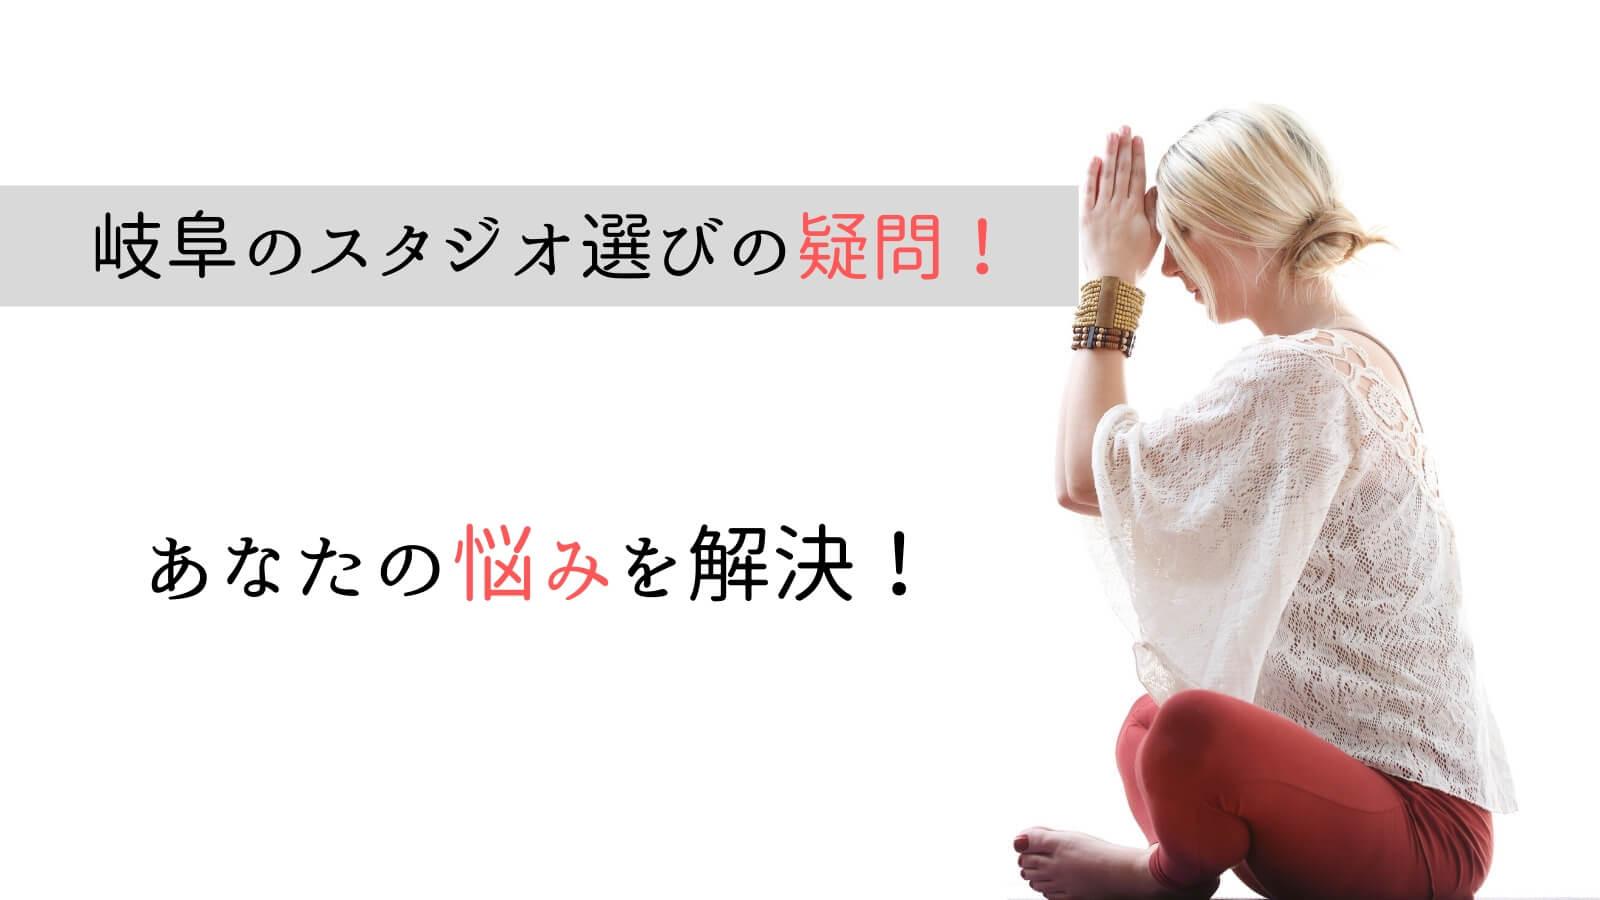 岐阜でのホットヨガスタジオ選びに関するQ&A